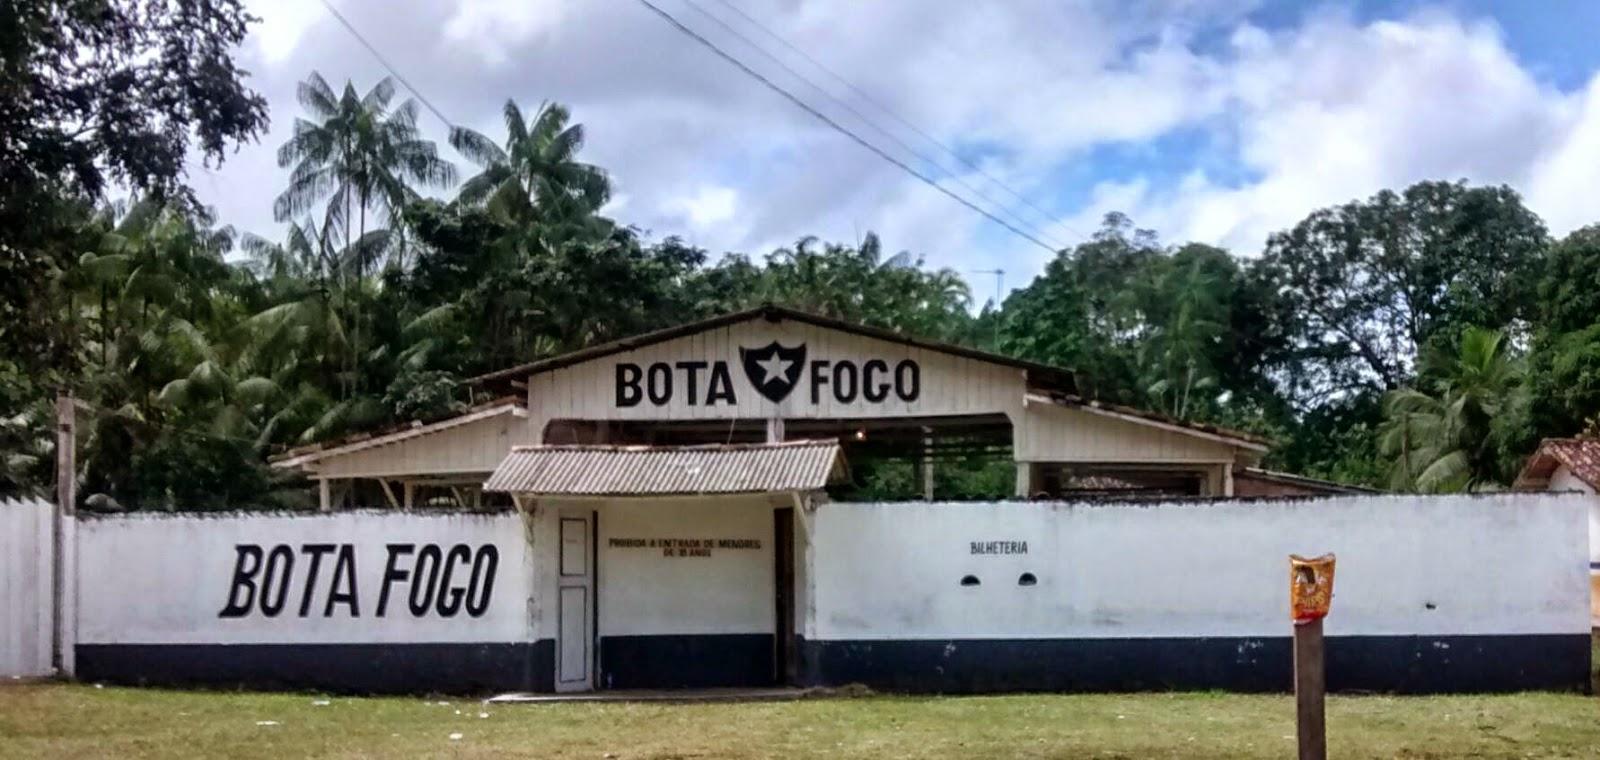 O Botafogo é imortal posto que é chama e paixão